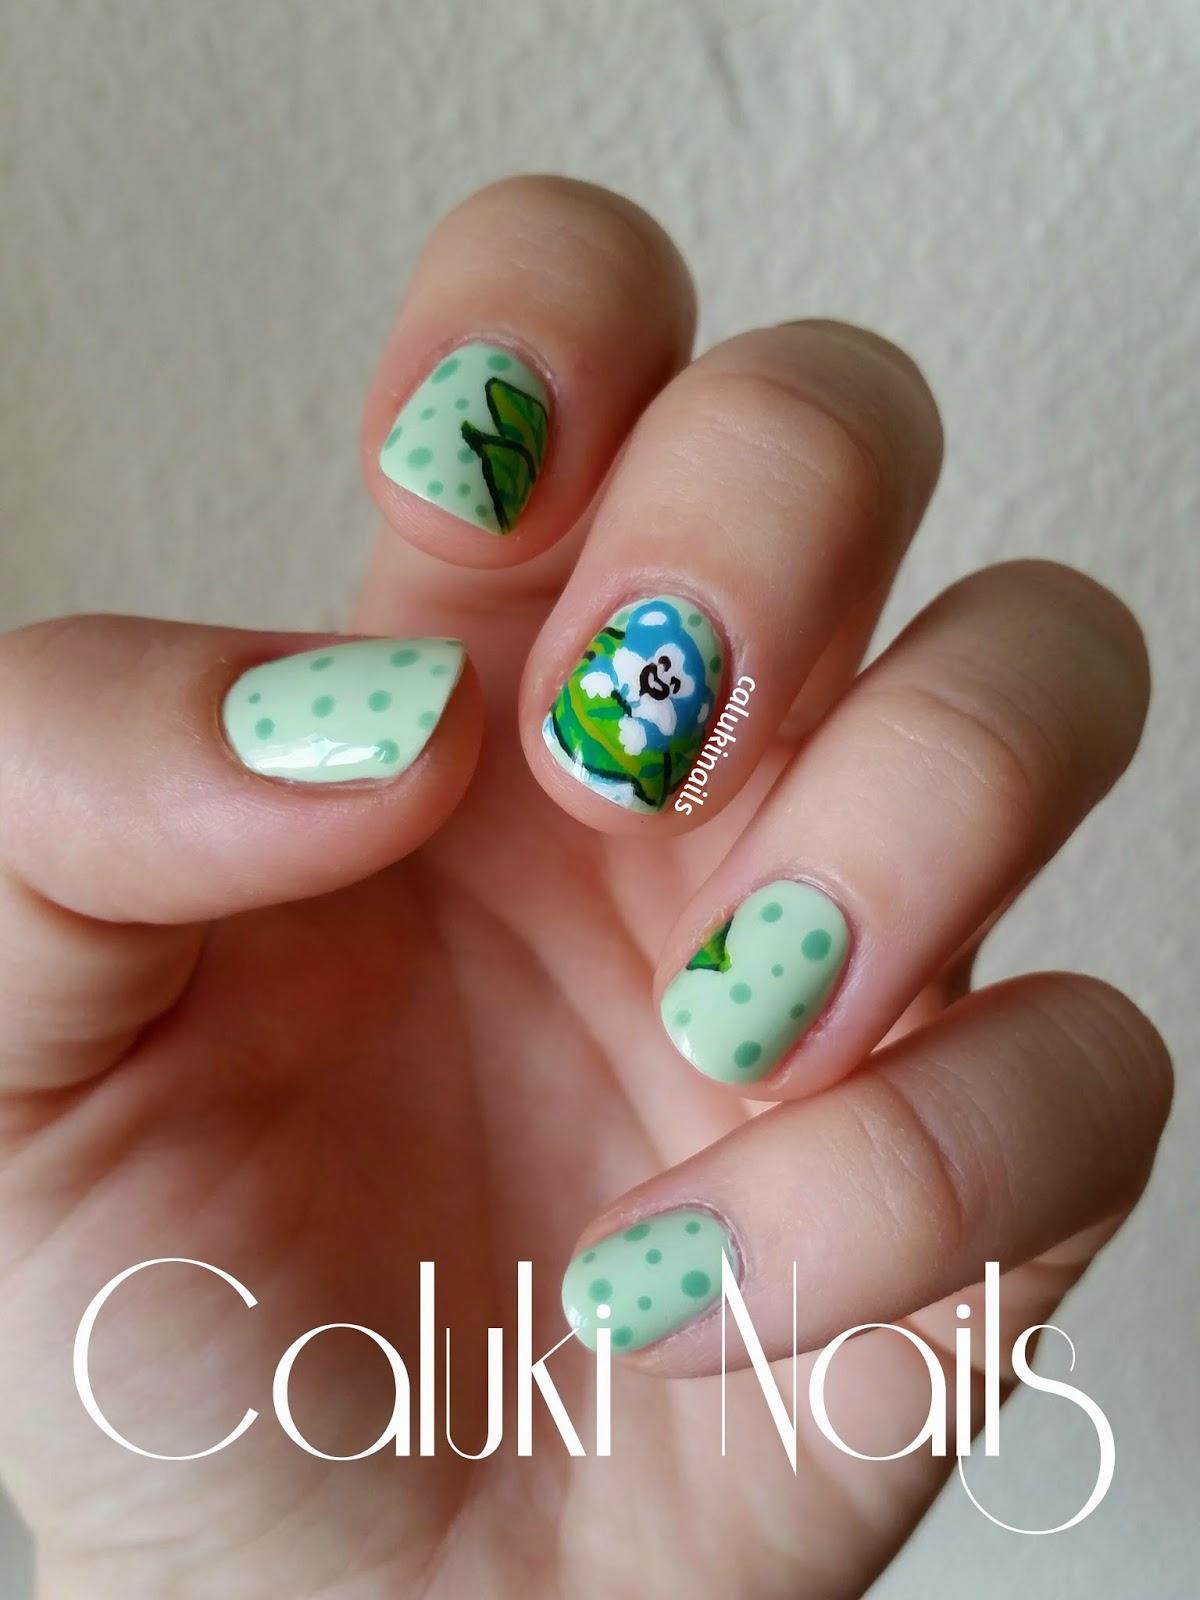 Caluki Nails : Nail art Osito Azul / Verde menta | IsaDora